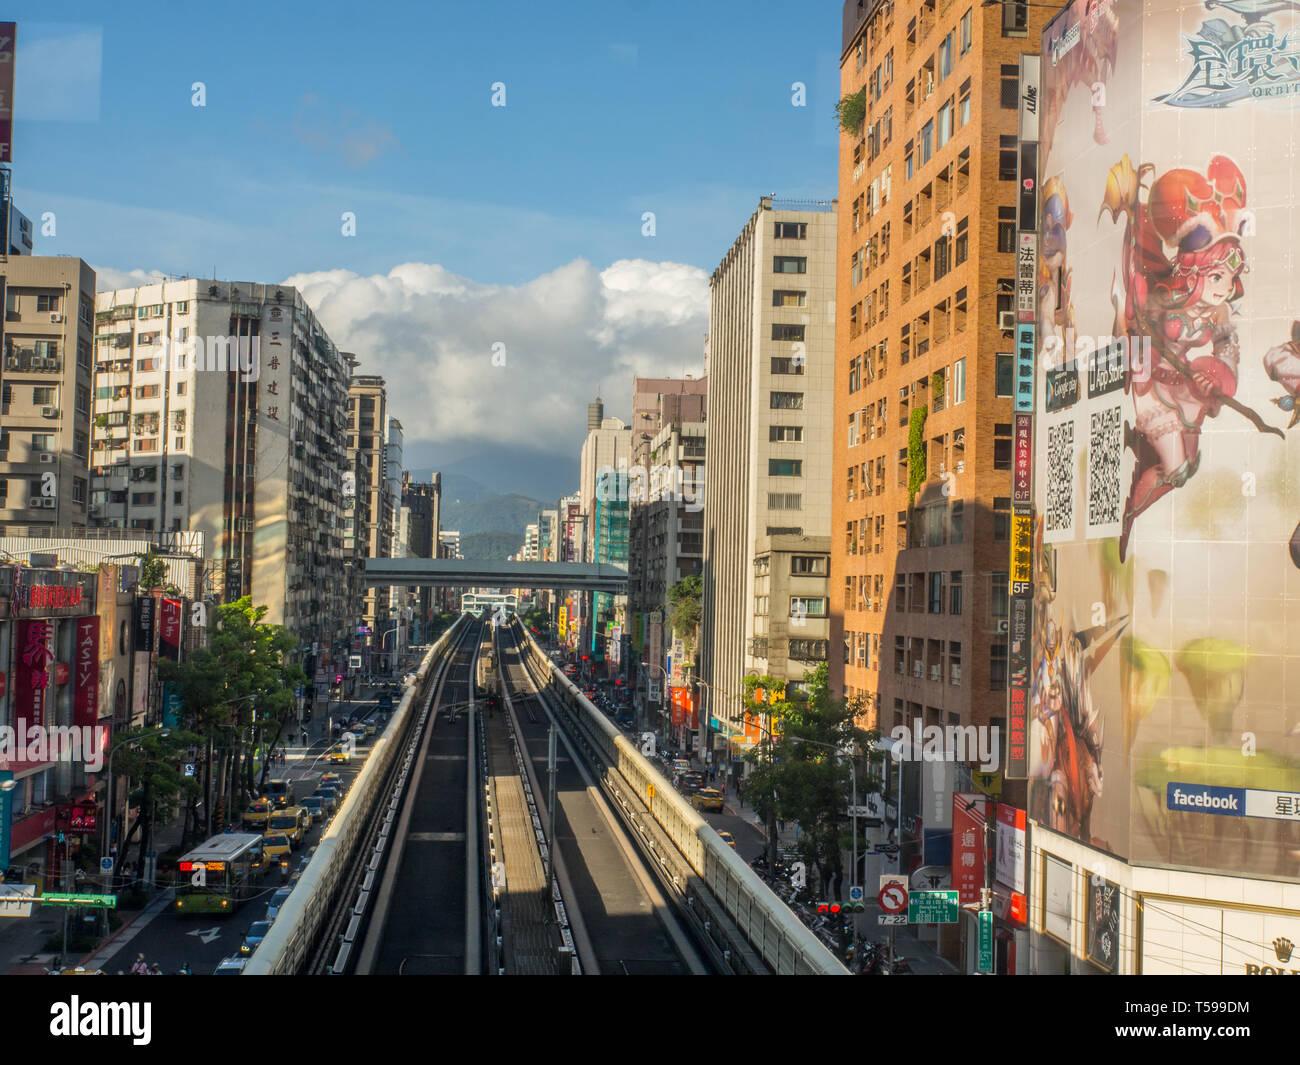 Taipei, Taiwan - le 19 octobre 2016: vue depuis les voies de la ligne de métro de brun dans la ville de Taipei. L'Asie. Photo Stock